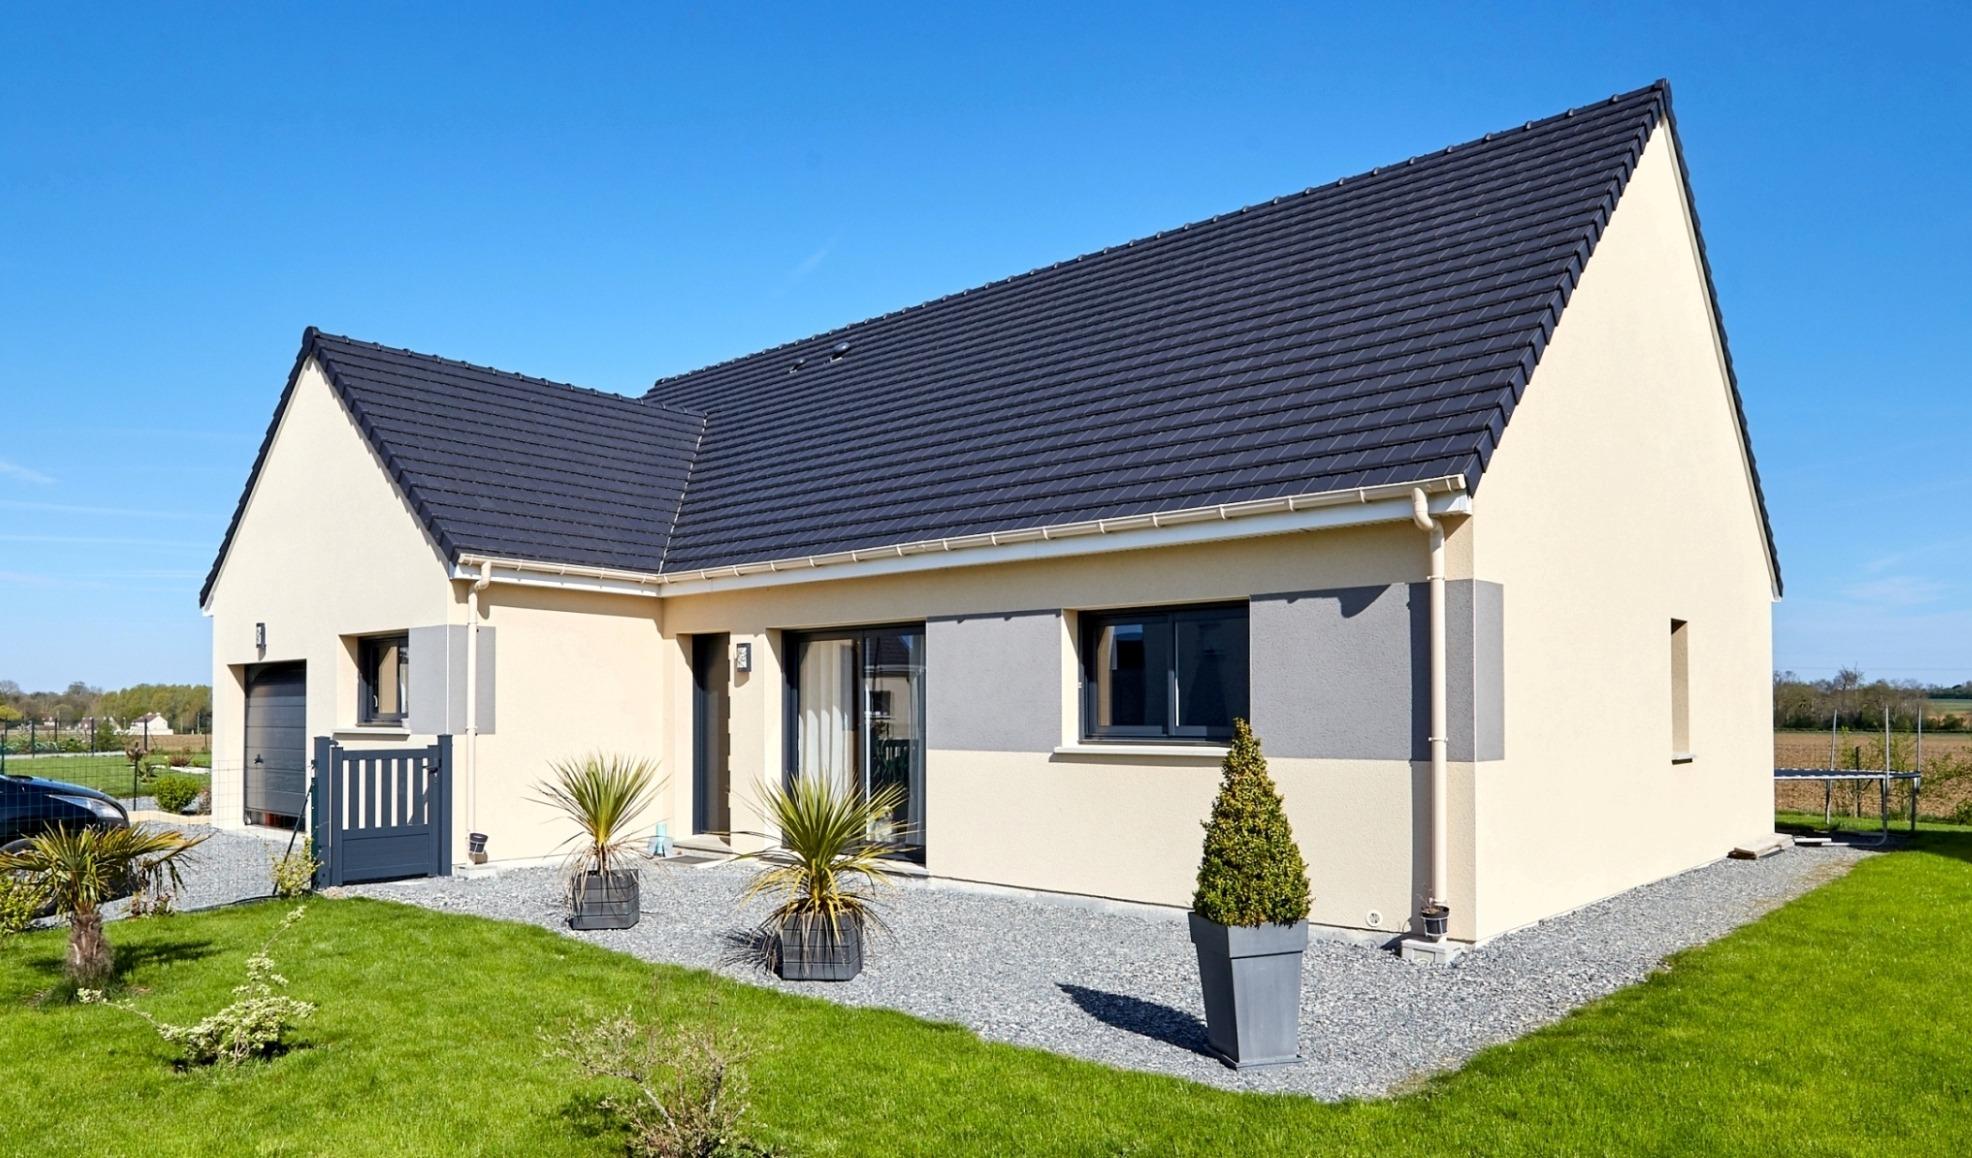 Votre maison + terrain à Saint-Germain-Village  - 27500